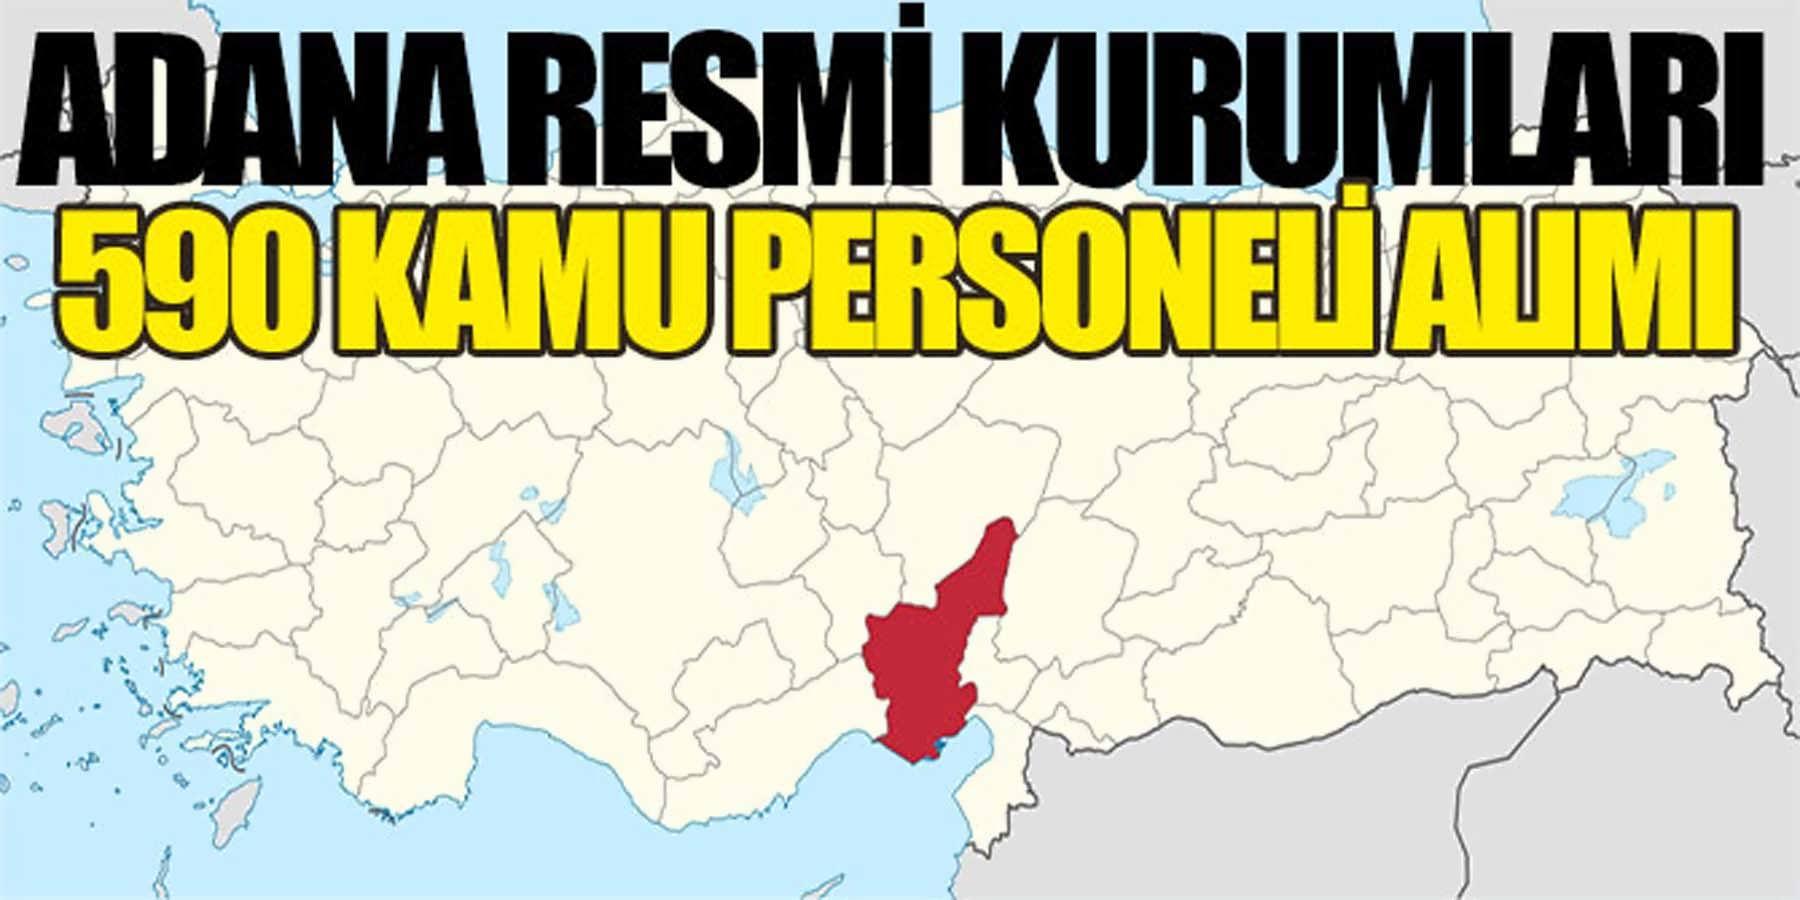 Adana BTÜ Valiliği Kaymakamlıkları ve Belediyeleri 590 Kamu Personel Alımı